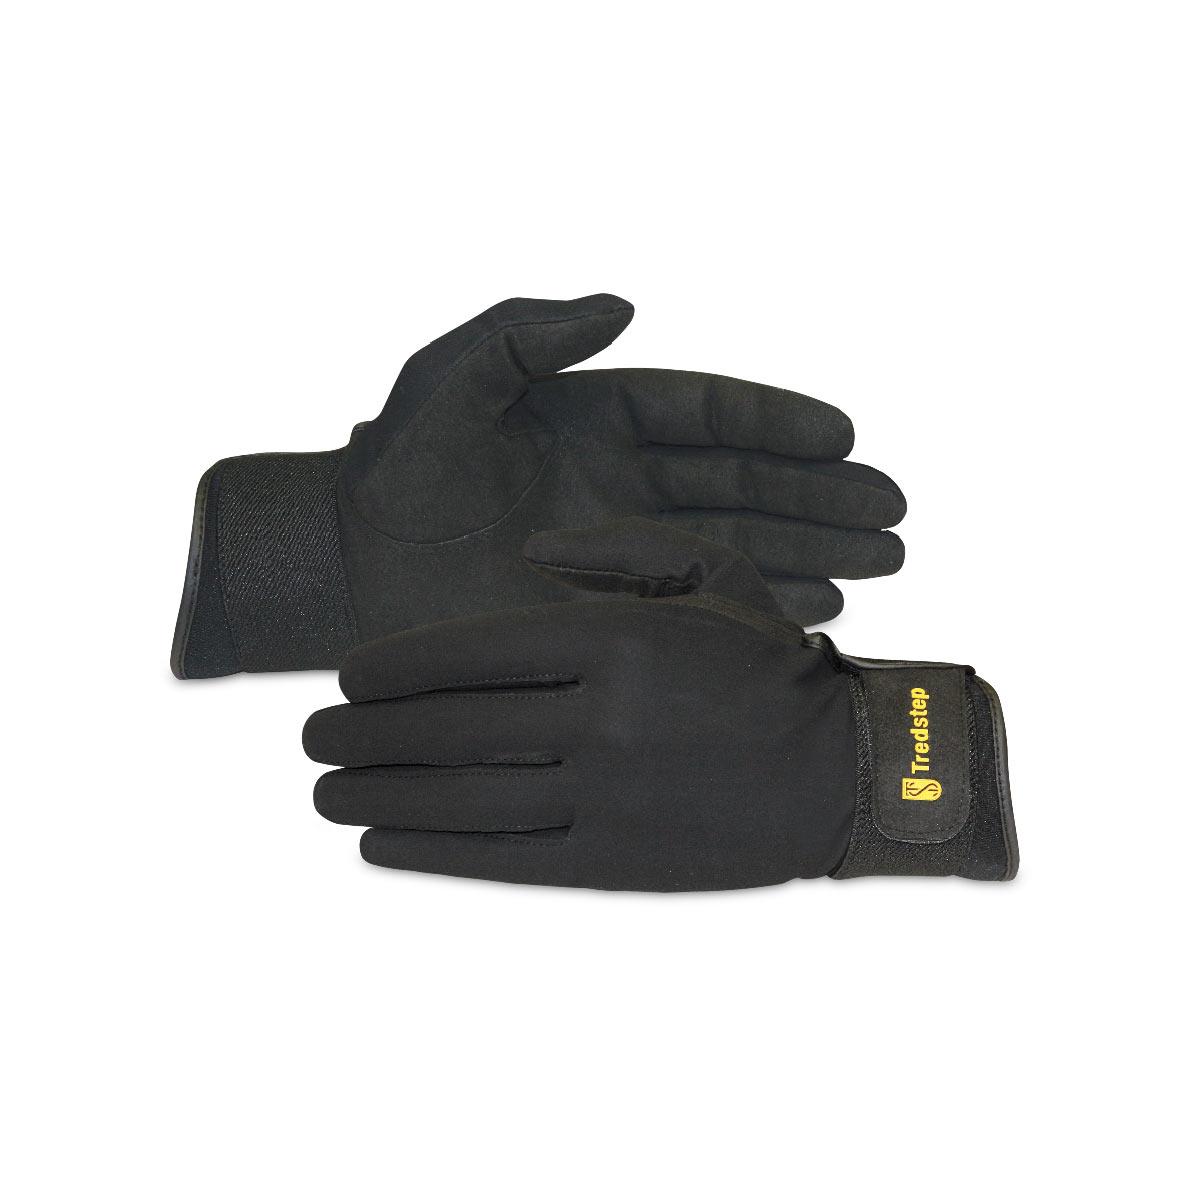 Tredstep Eventer Riding Gloves